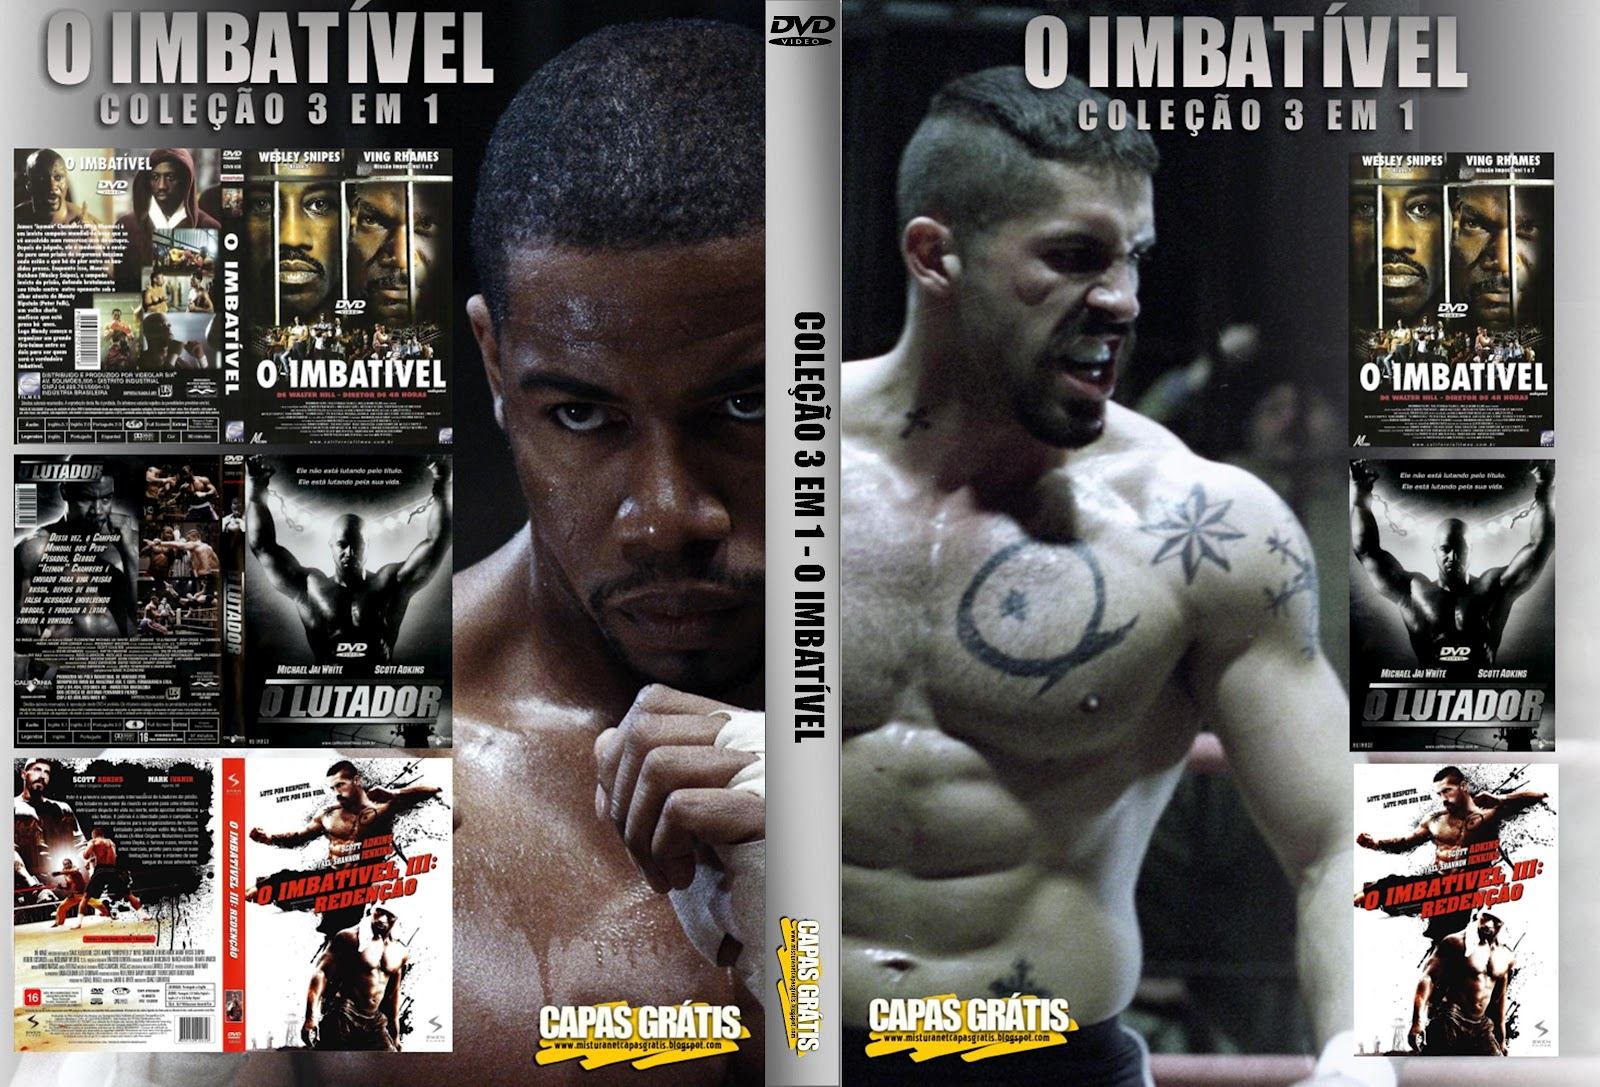 Imbatível 3 Best capas filmes ação: o imbatível 3 em 1